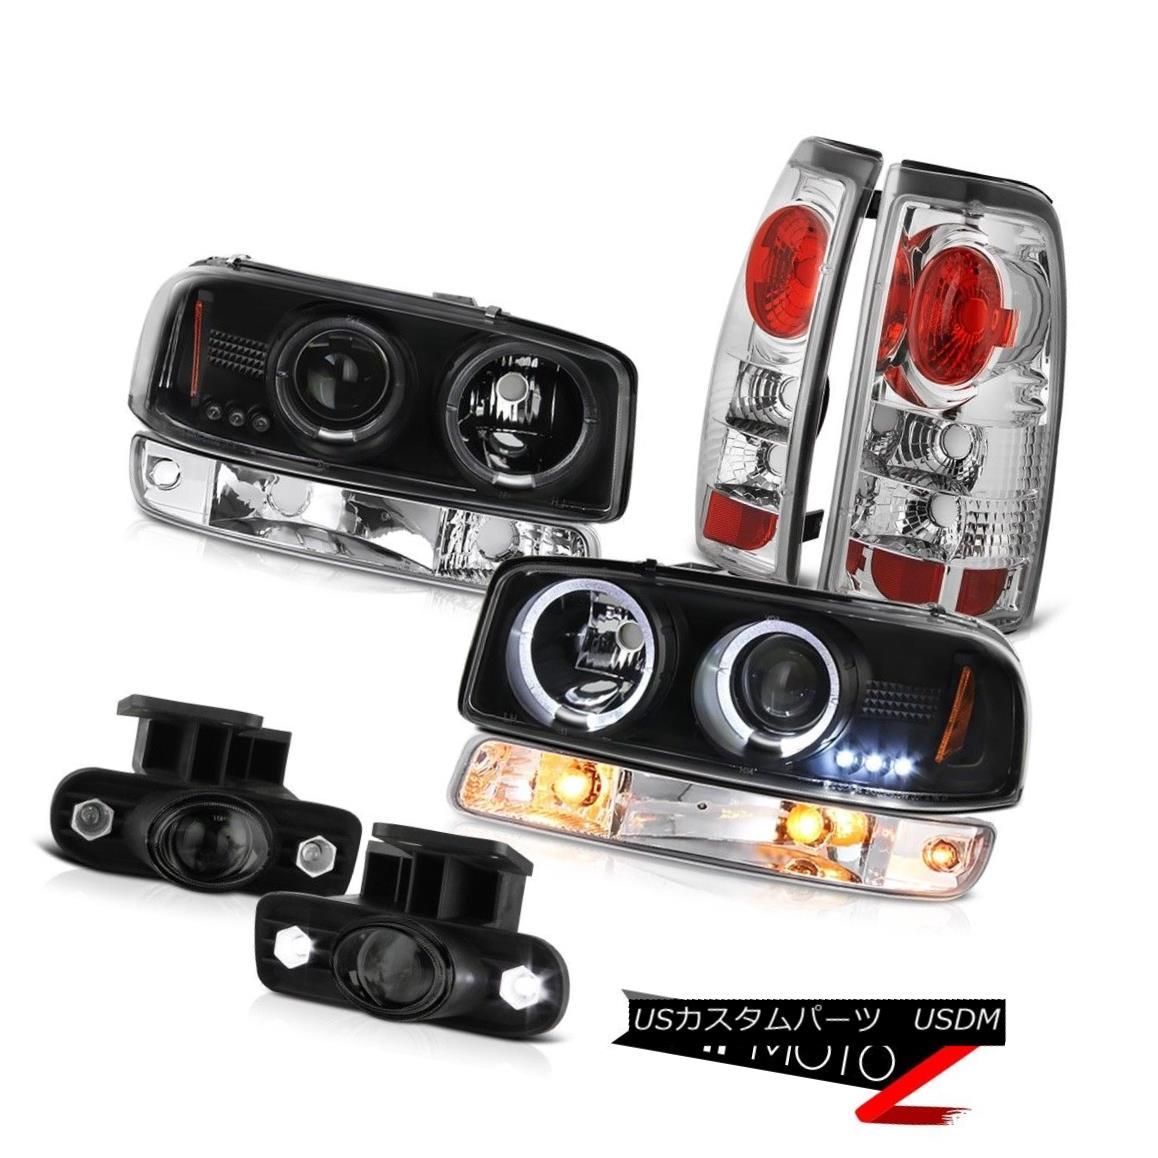 ヘッドライト 99-02 Sierra 6.0L Smokey fog lamps taillights bumper light raven black headlamps 99-02 Sierra 6.0Lスモーキーフォグランプテールライトバンパーライトレイヴンブラックヘッドライト